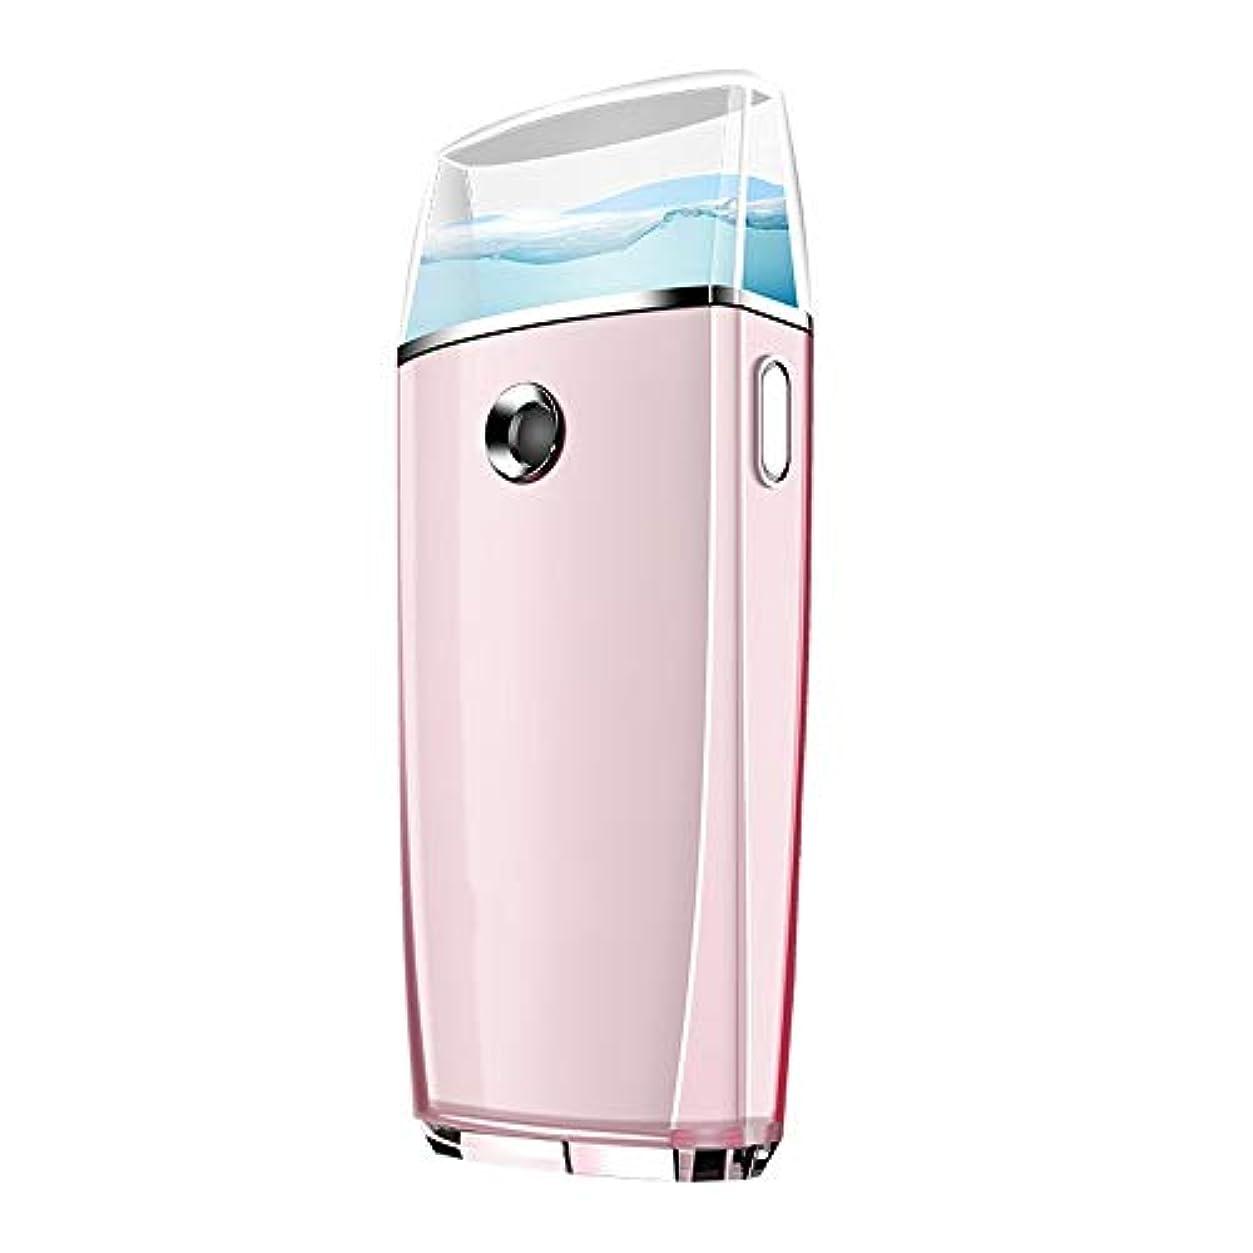 寛容な蚊連帯ZXF ナノスプレー水道メーターポータブル顔美容機器充電表面コールドスプレー機スプレー2ピンクモデルグリーンモデル 滑らかである (色 : Pink)